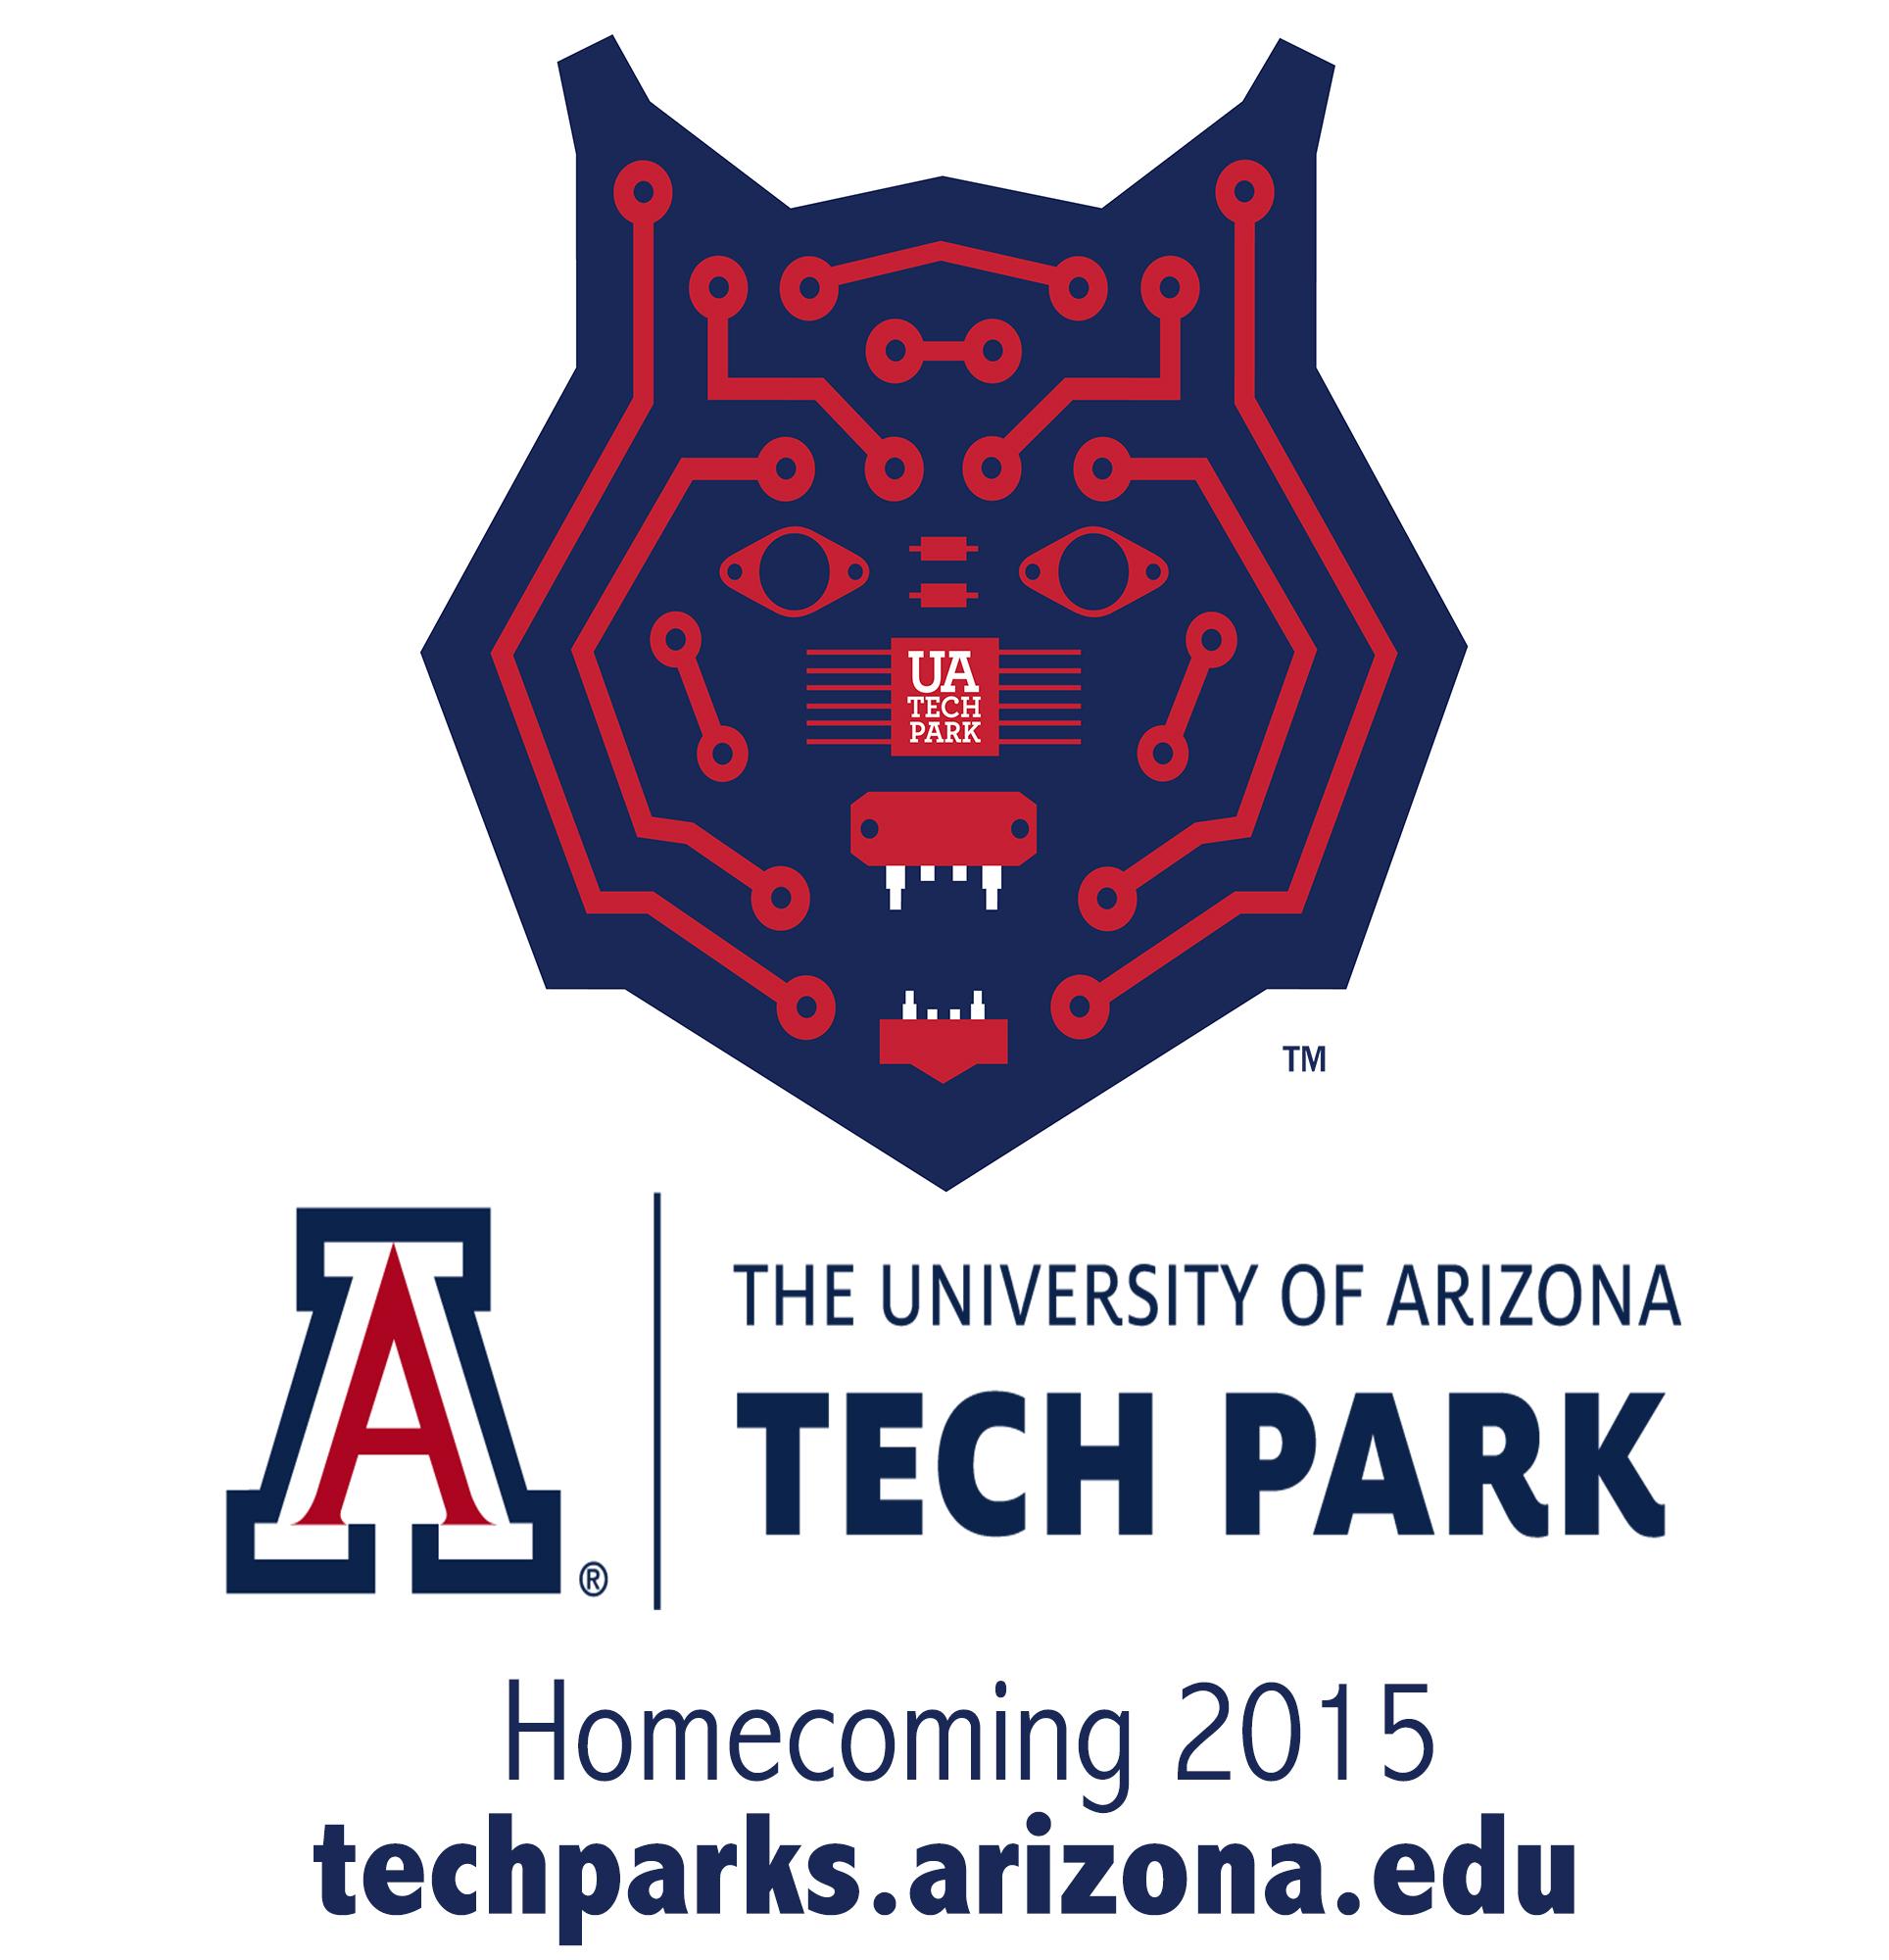 UA Tech Park Homecoming 2015